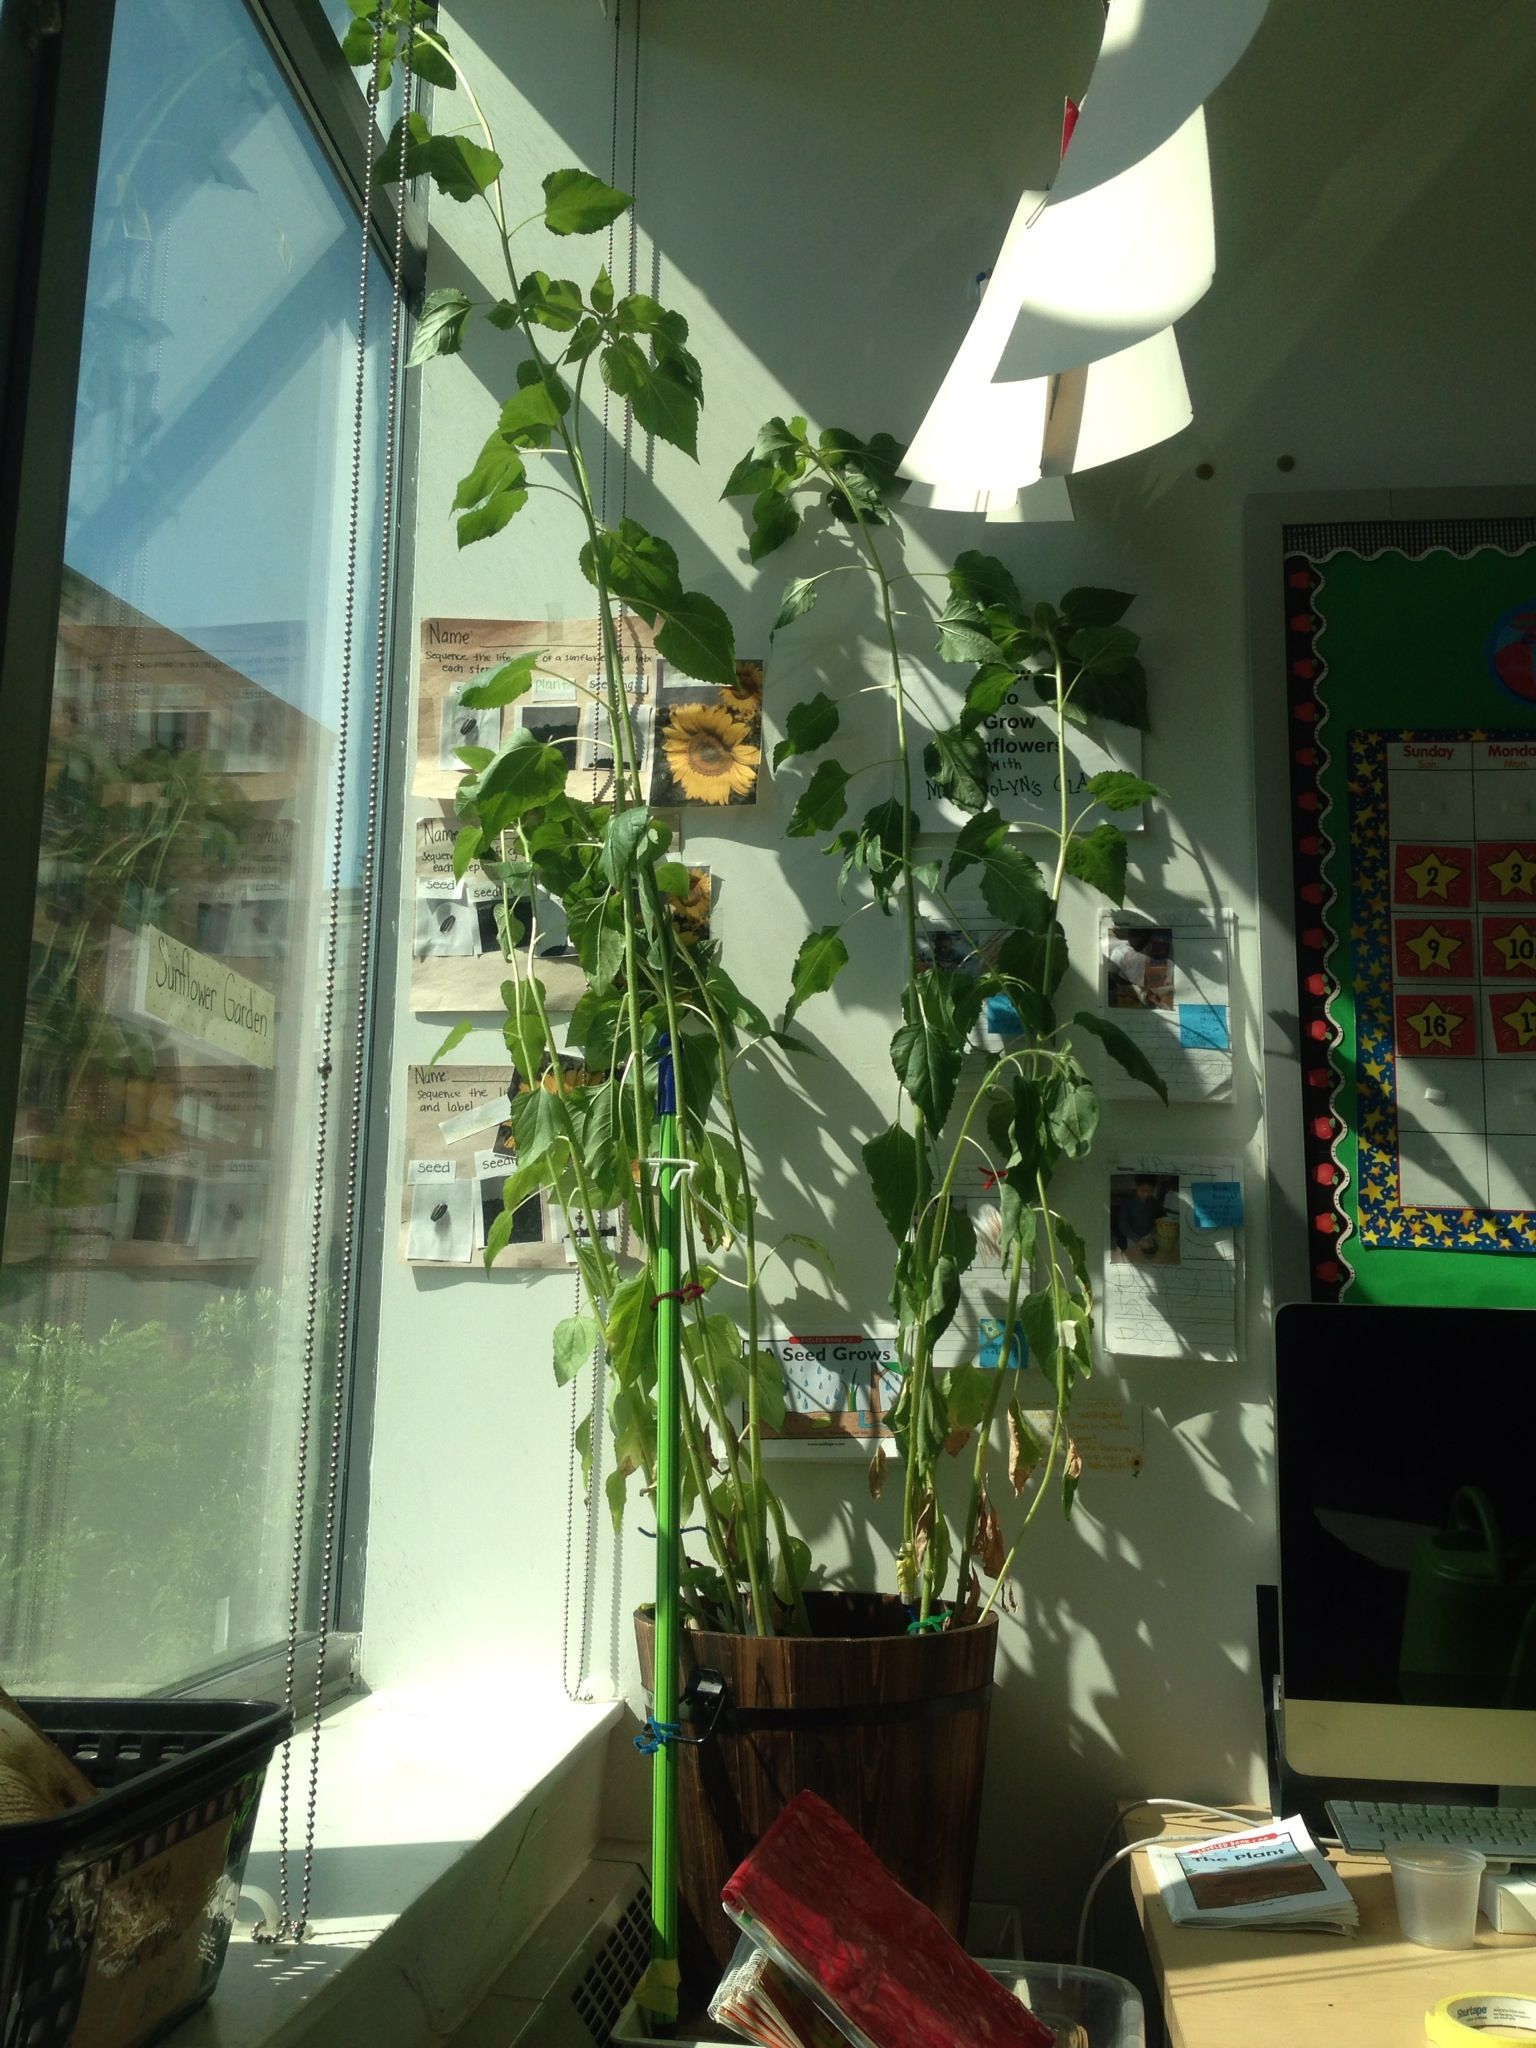 Miss Carolyn's Class School Year 2012-2013: Sunflower Garden in June... 7 feet later...